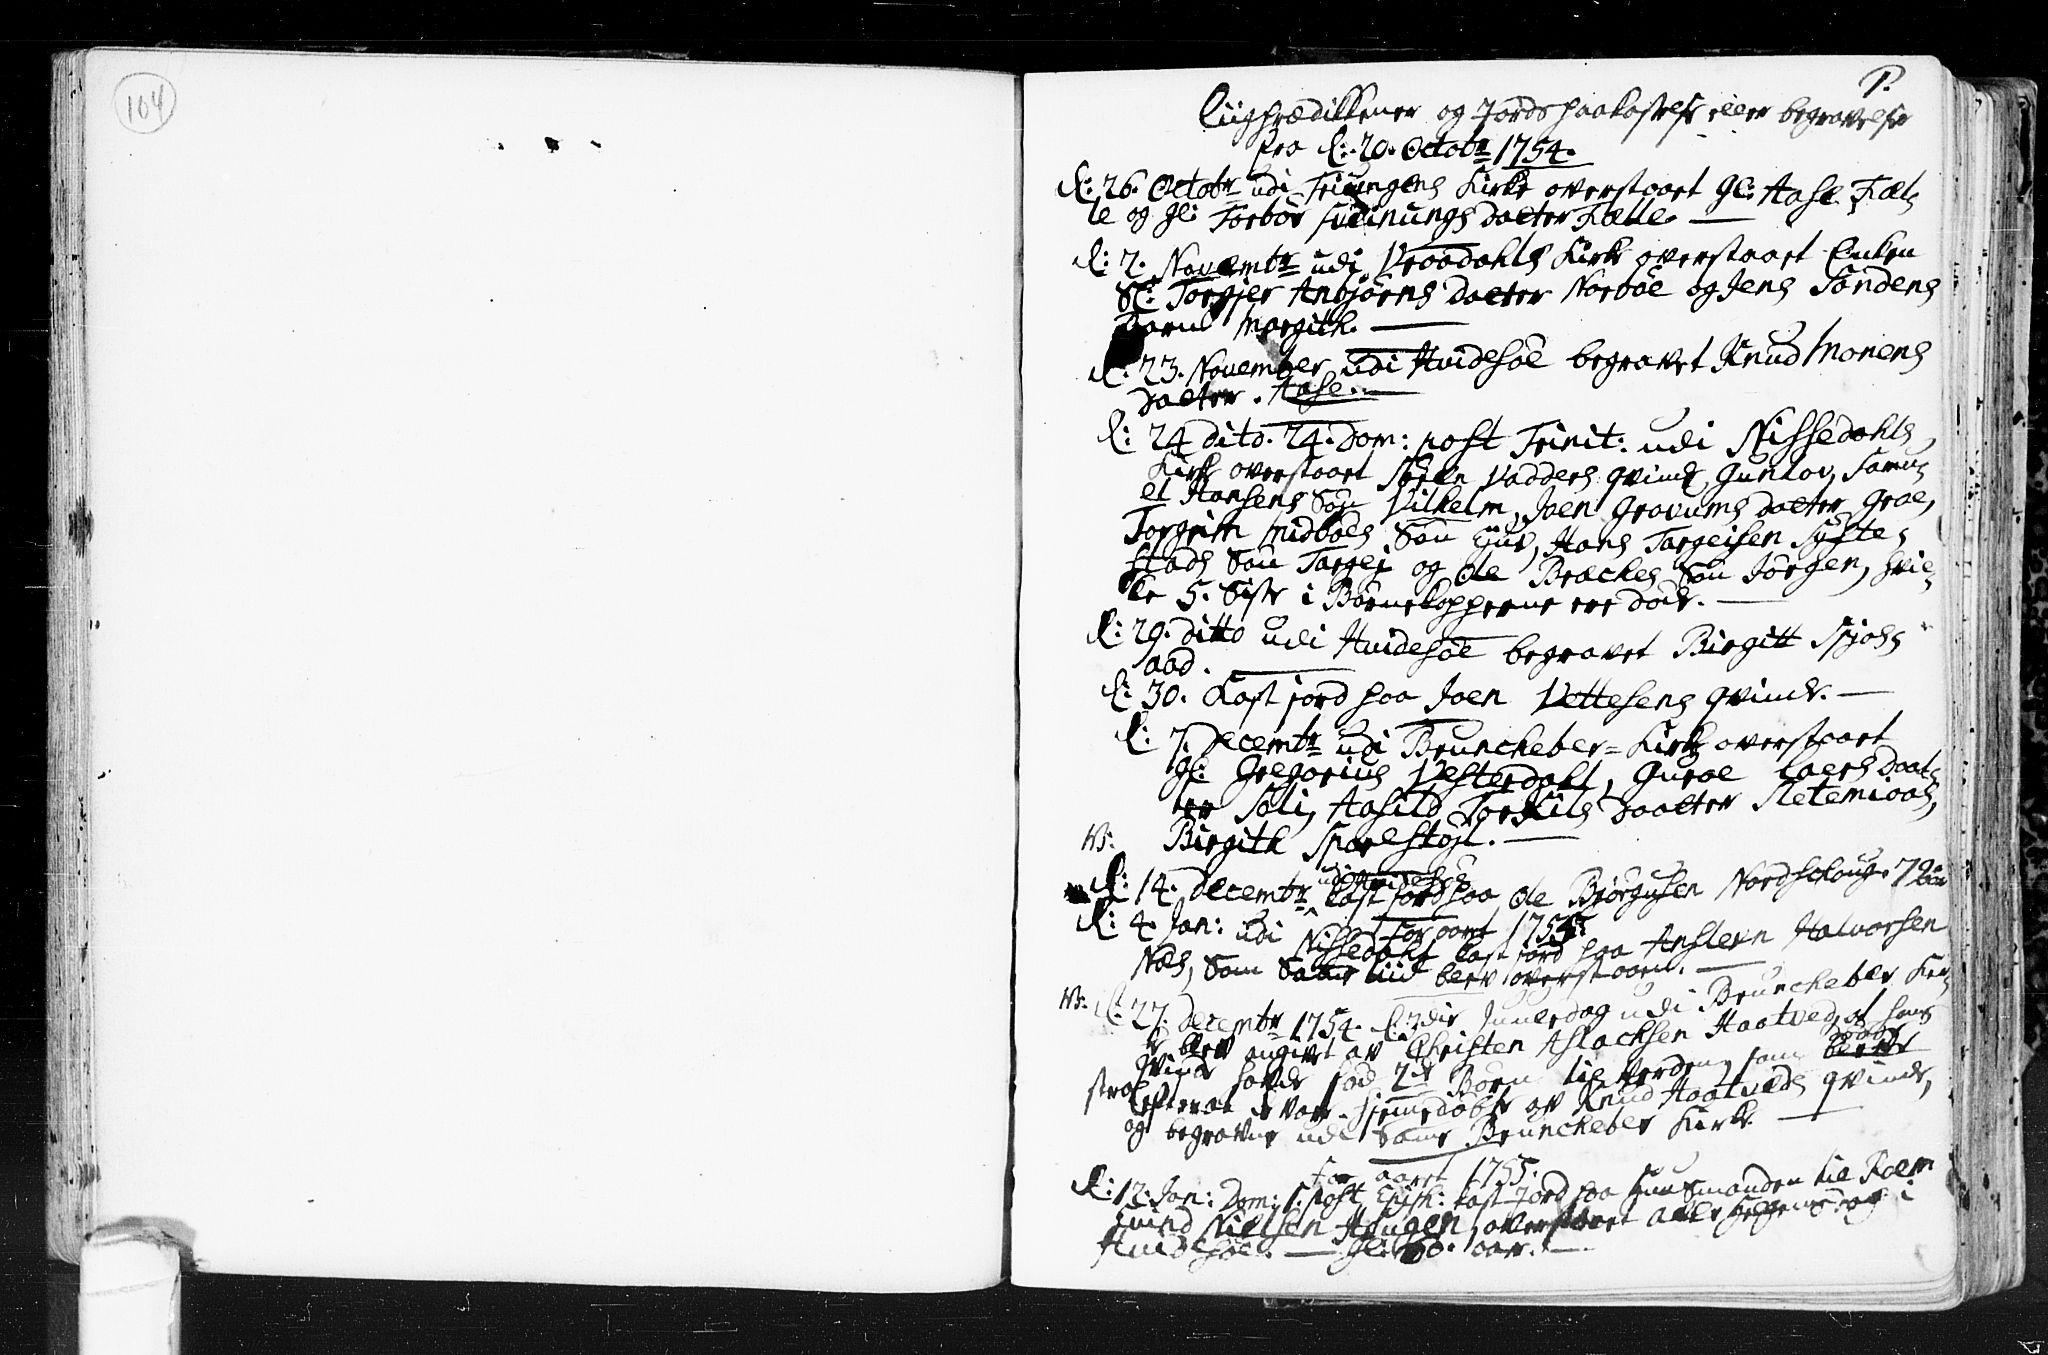 SAKO, Kviteseid kirkebøker, F/Fa/L0001: Ministerialbok nr. I 1, 1754-1773, s. 0-1